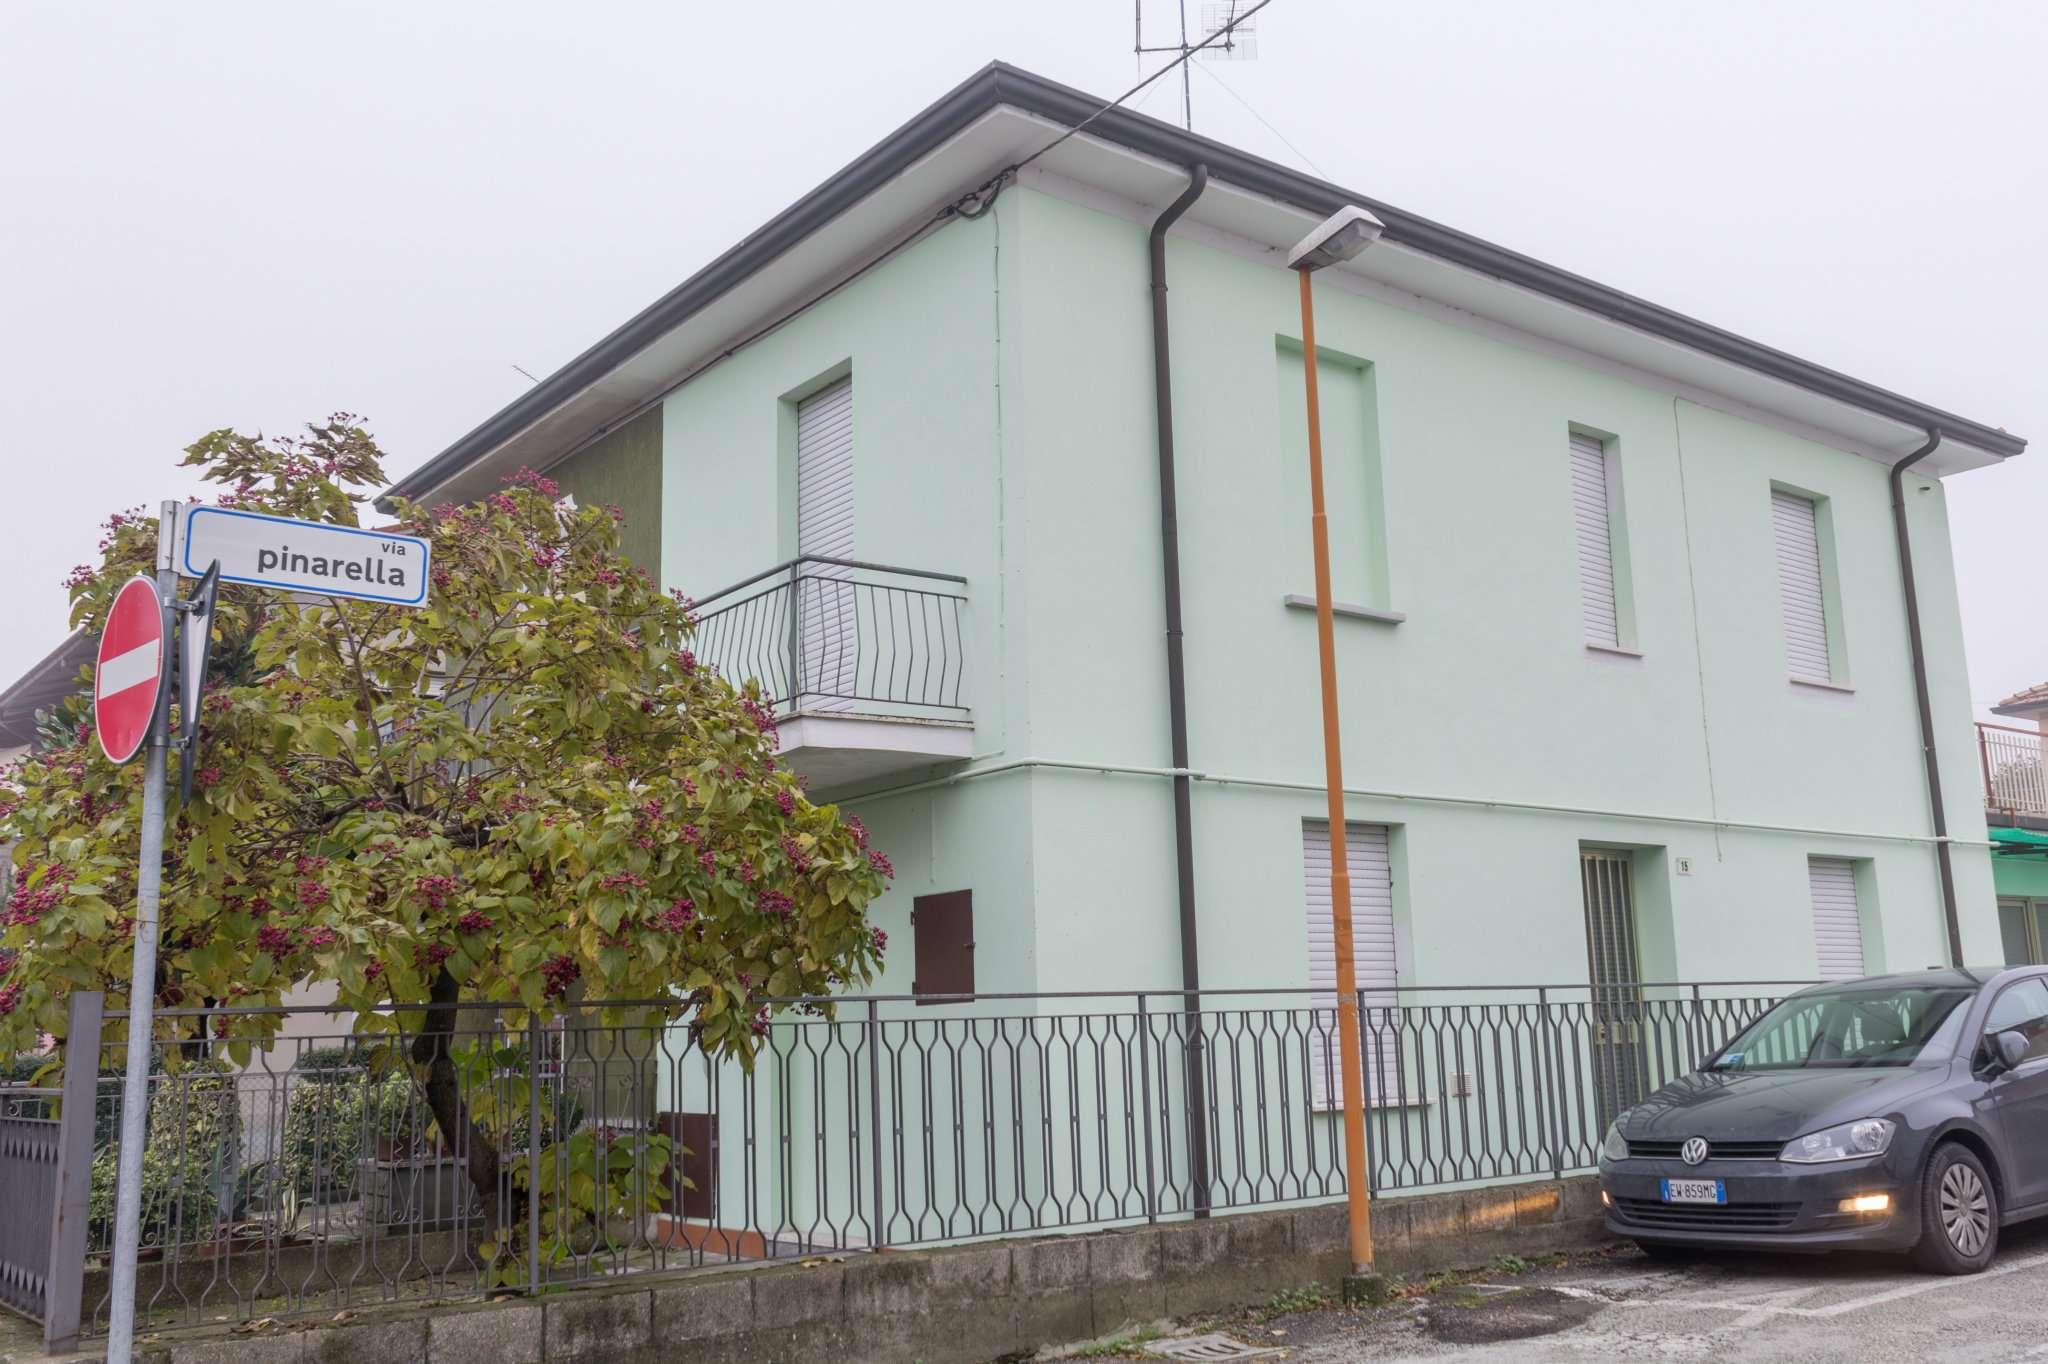 Soluzione Semindipendente in vendita a Cesena, 3 locali, prezzo € 159.000 | Cambio Casa.it